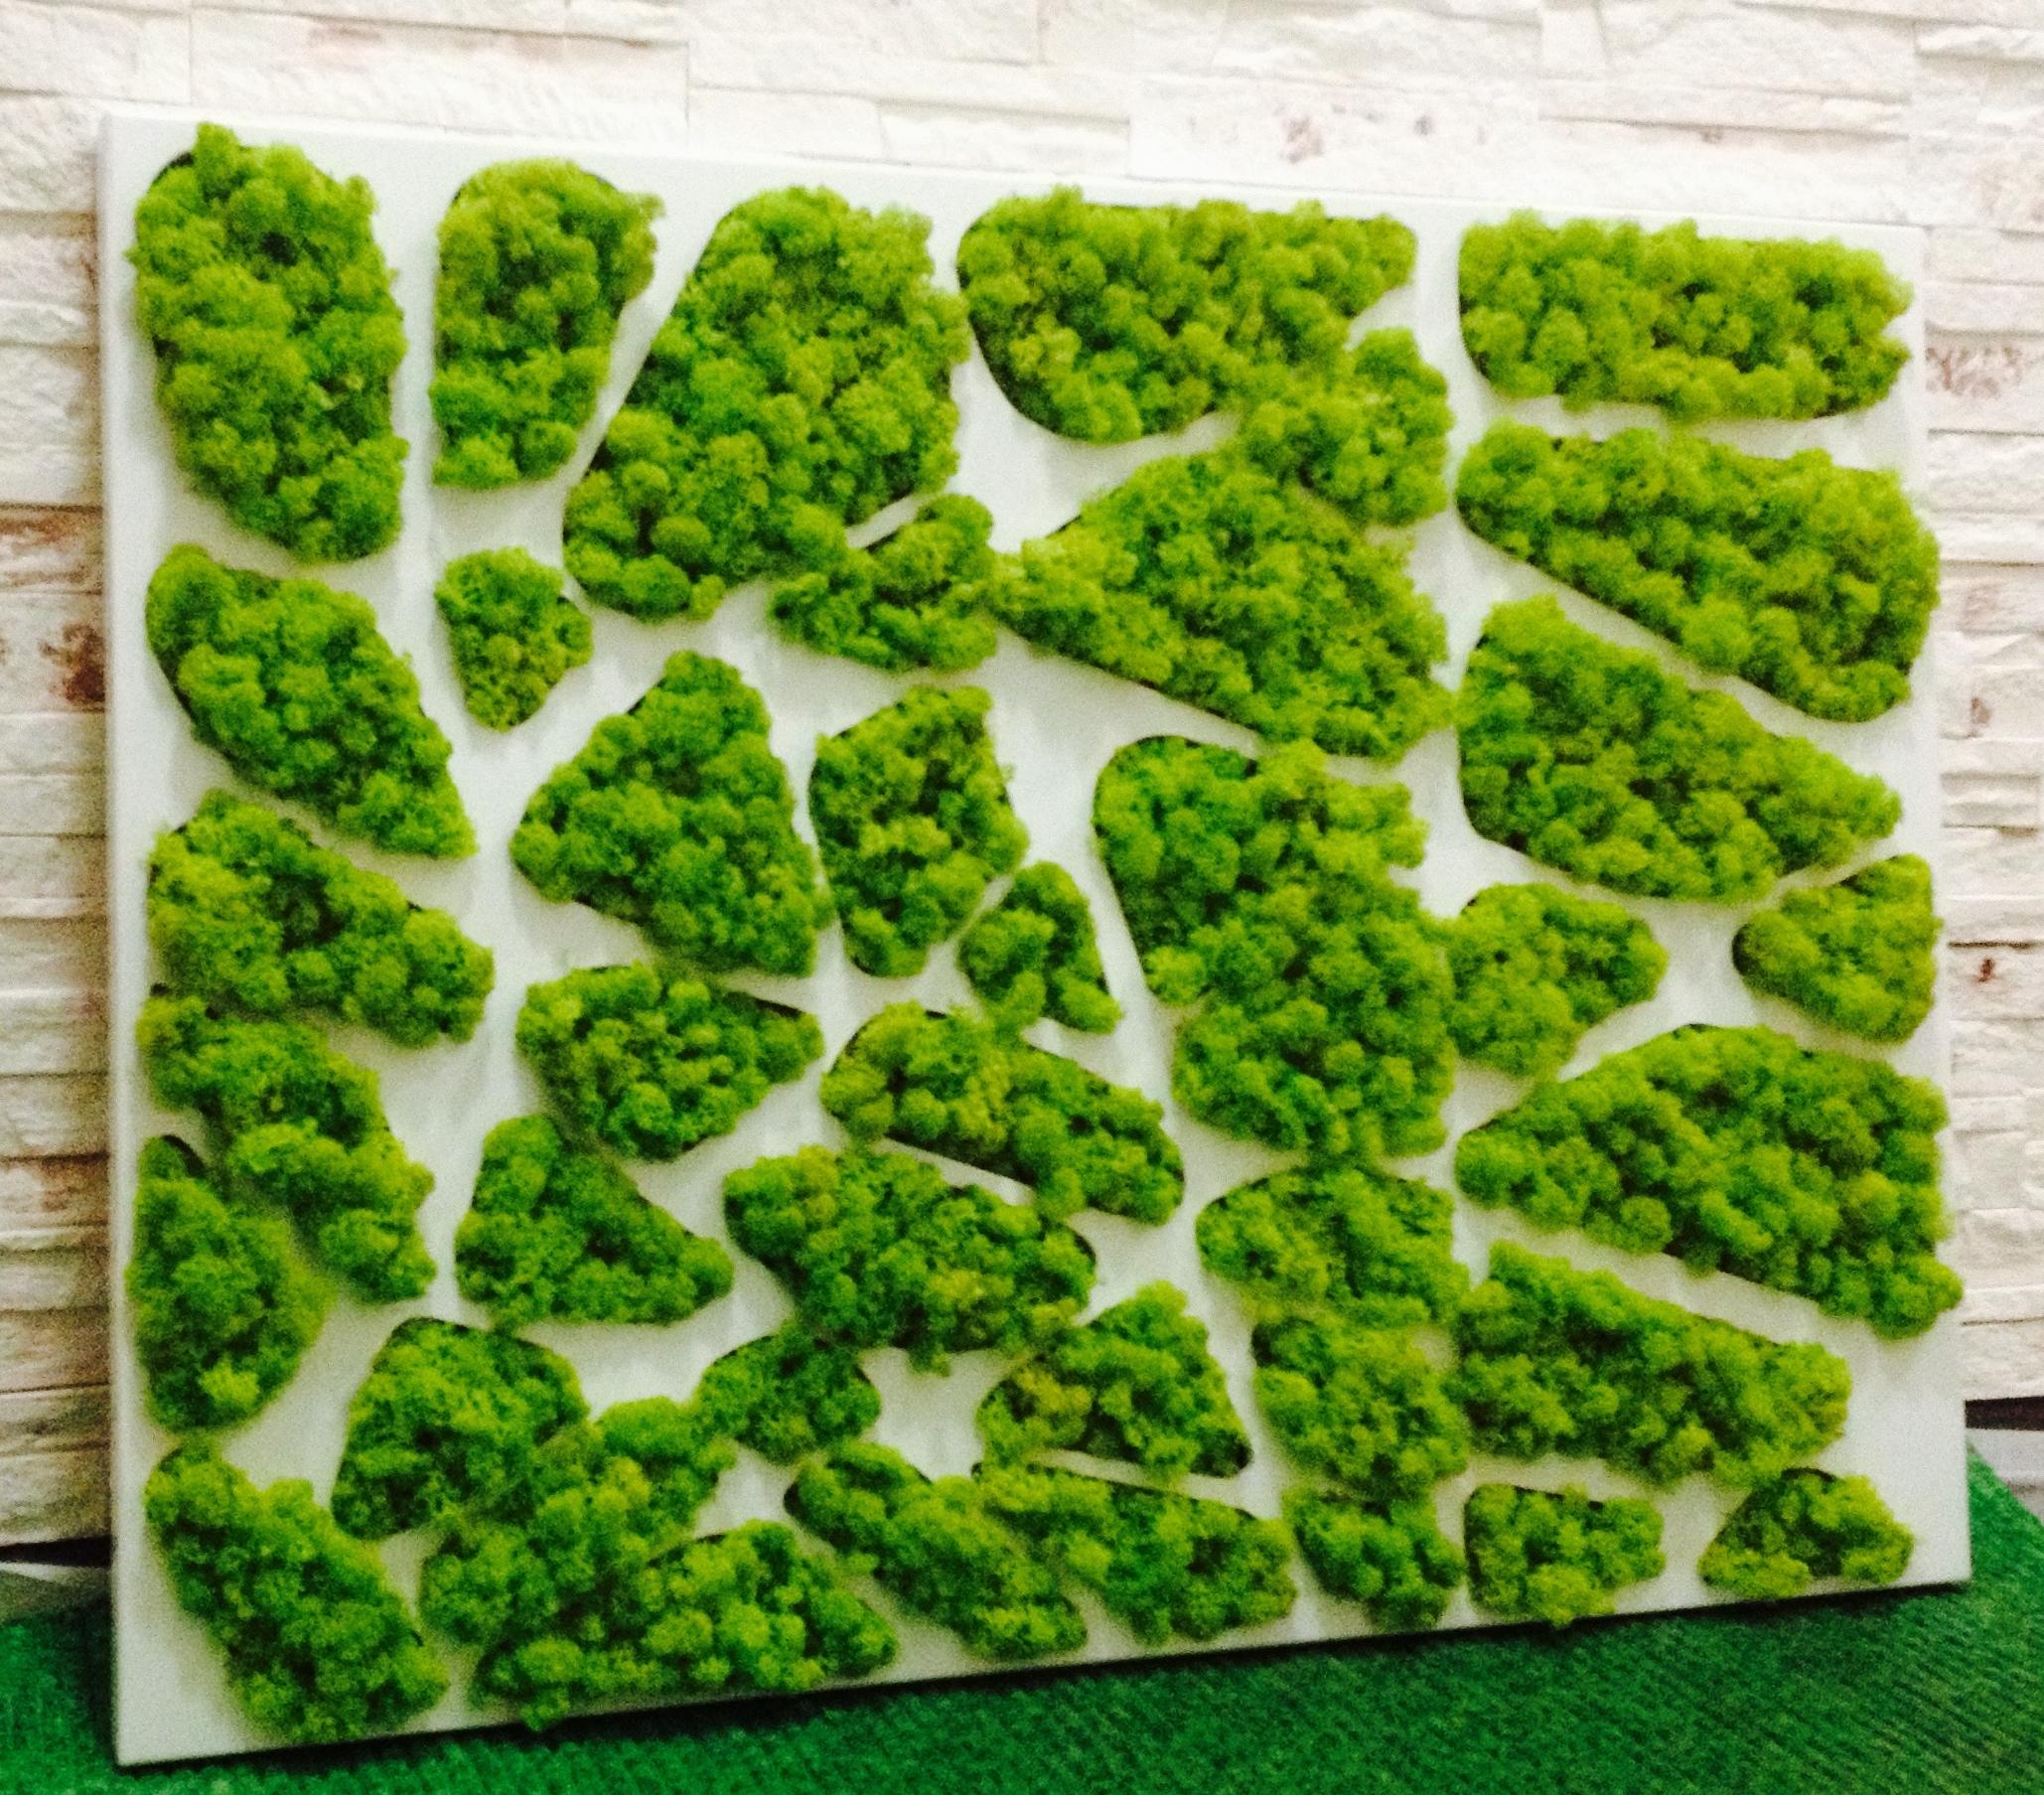 озеленение мохом 7